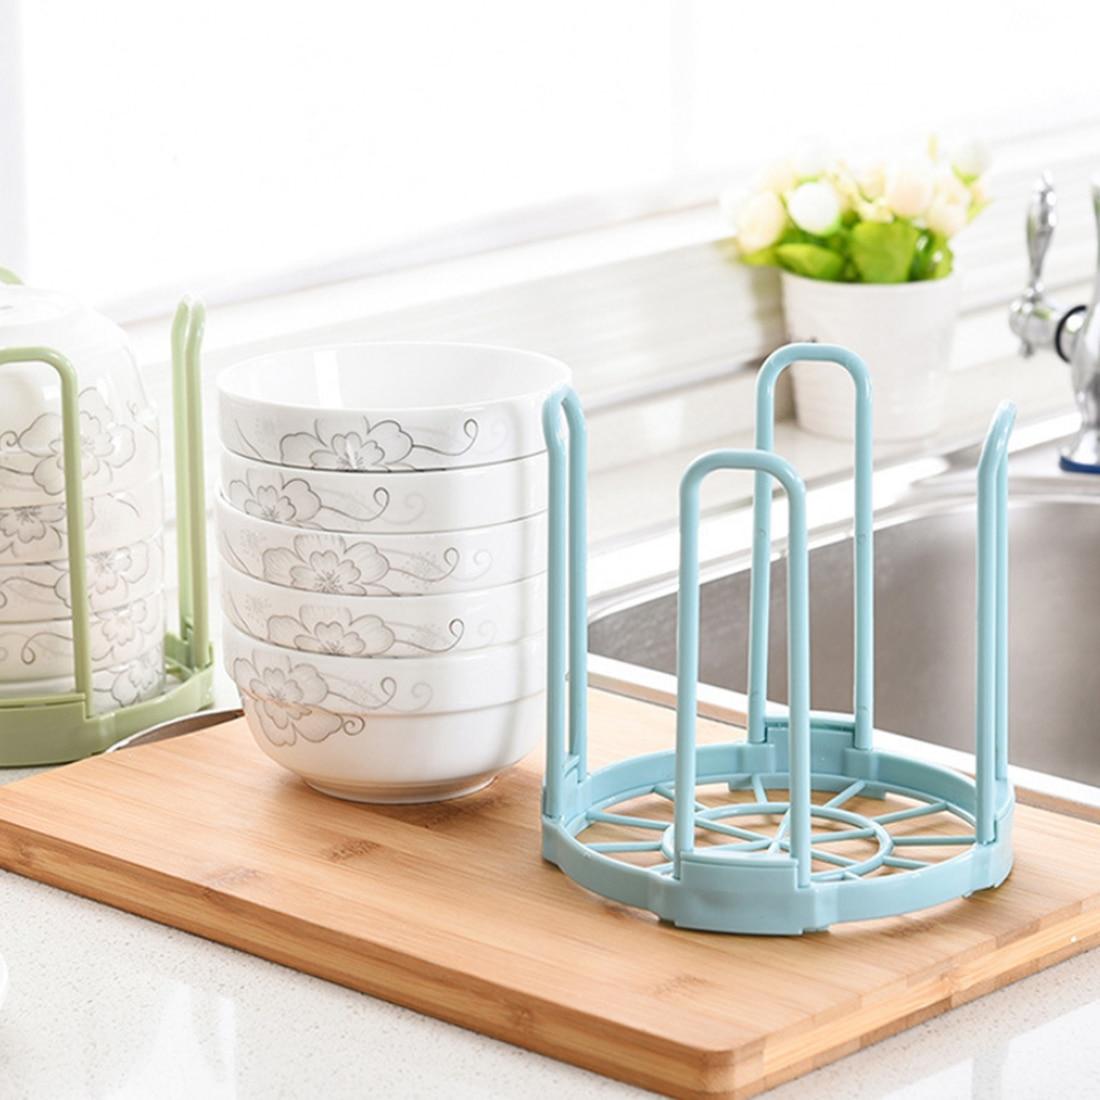 Aliexpress.com : Buy 1Pcs Creative Plate Dish Draining ...